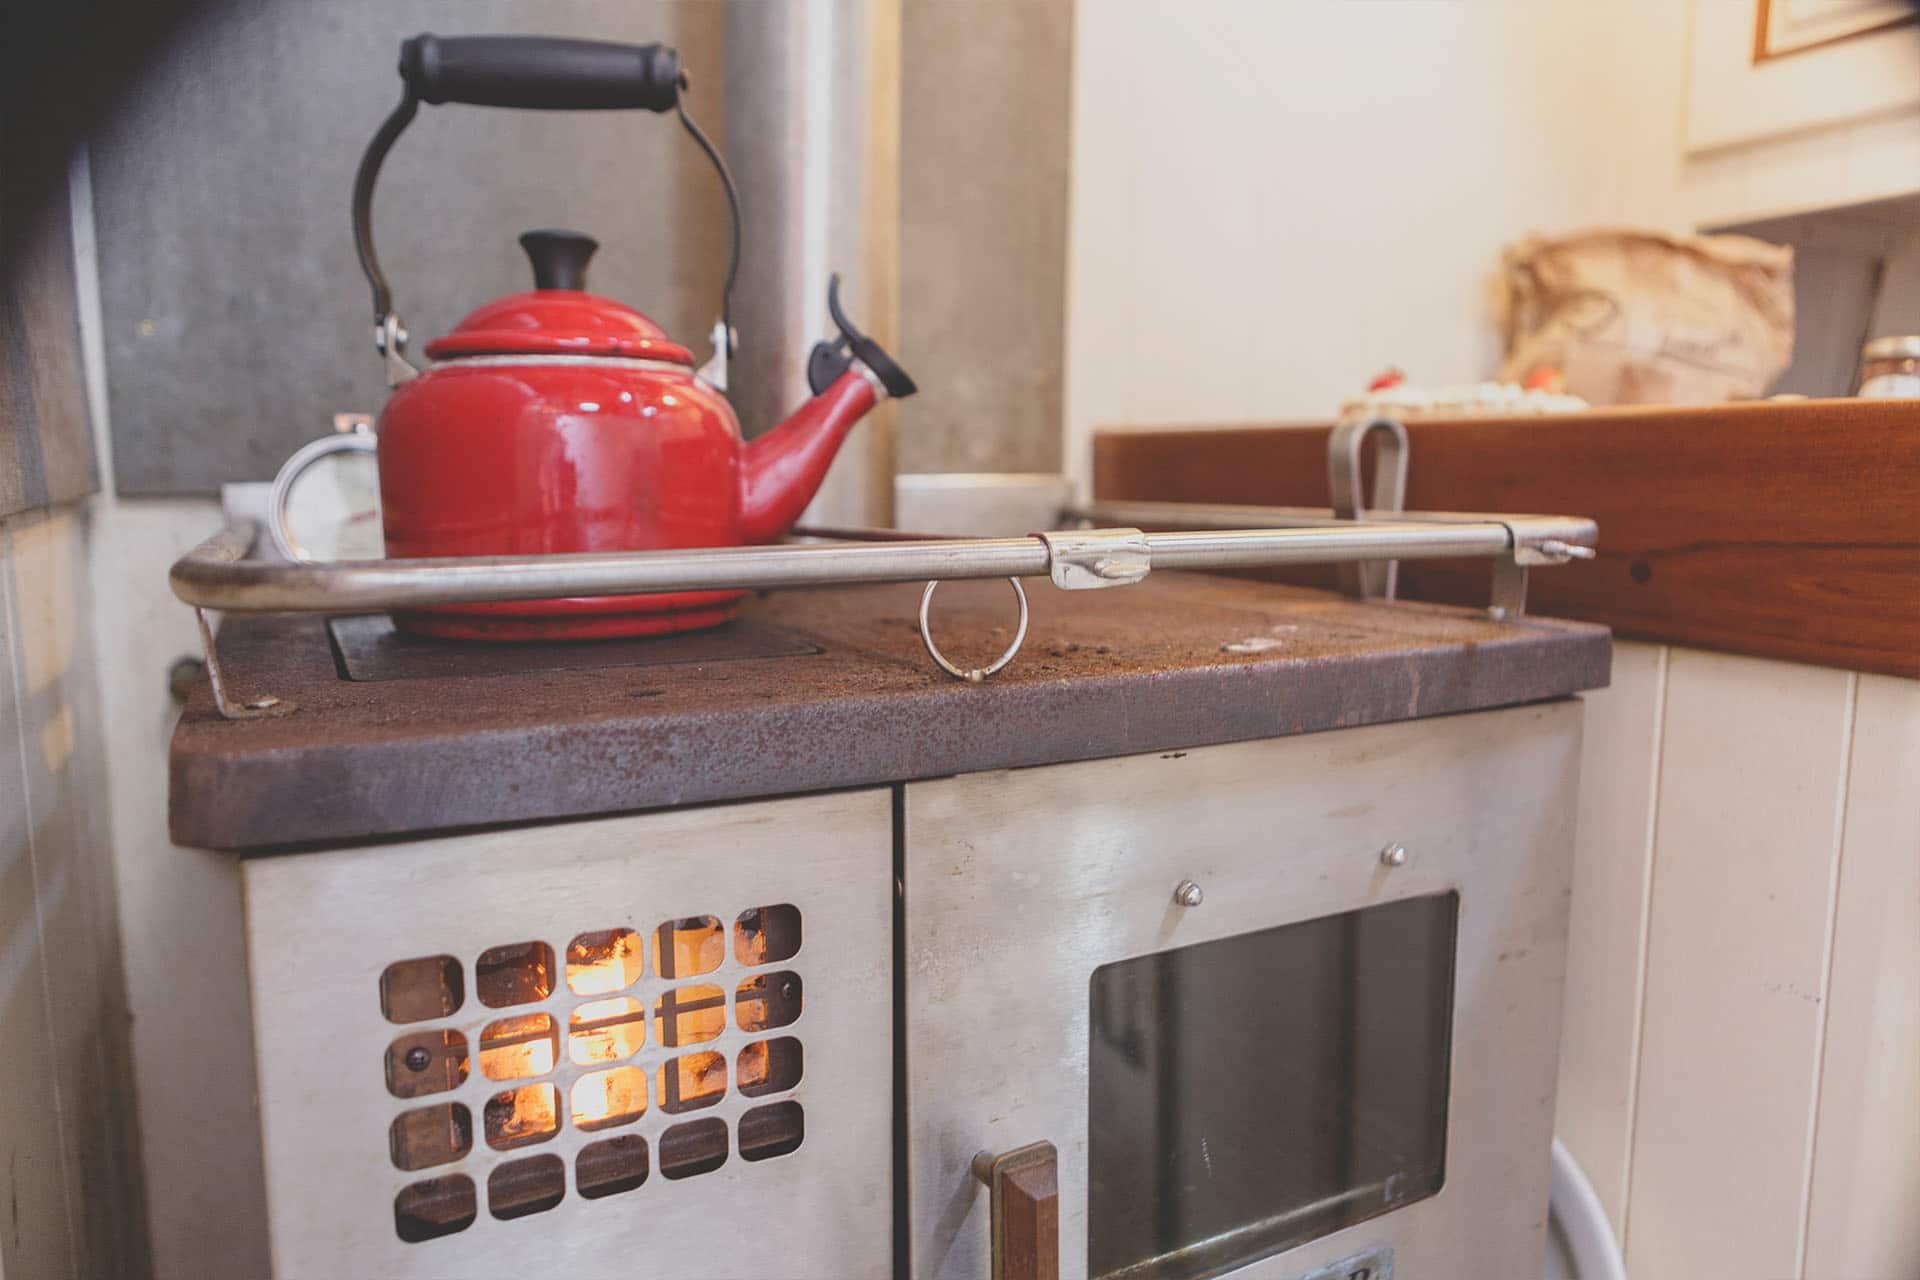 ESCAPE galley stove